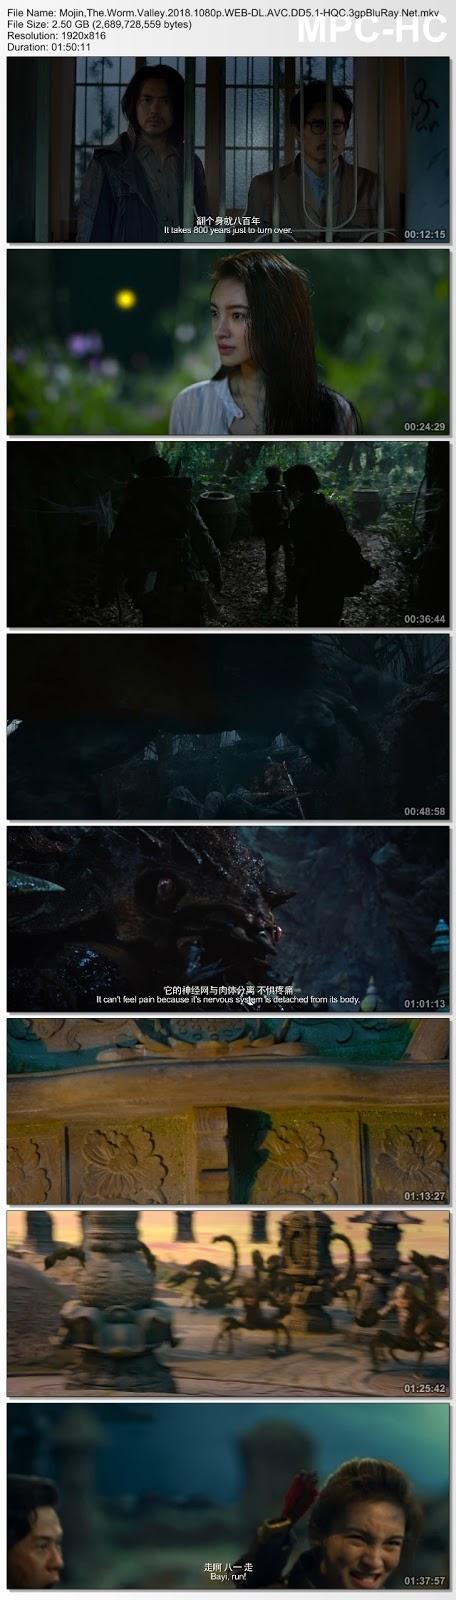 Screenshots Download Yun nan chong gu (2018)